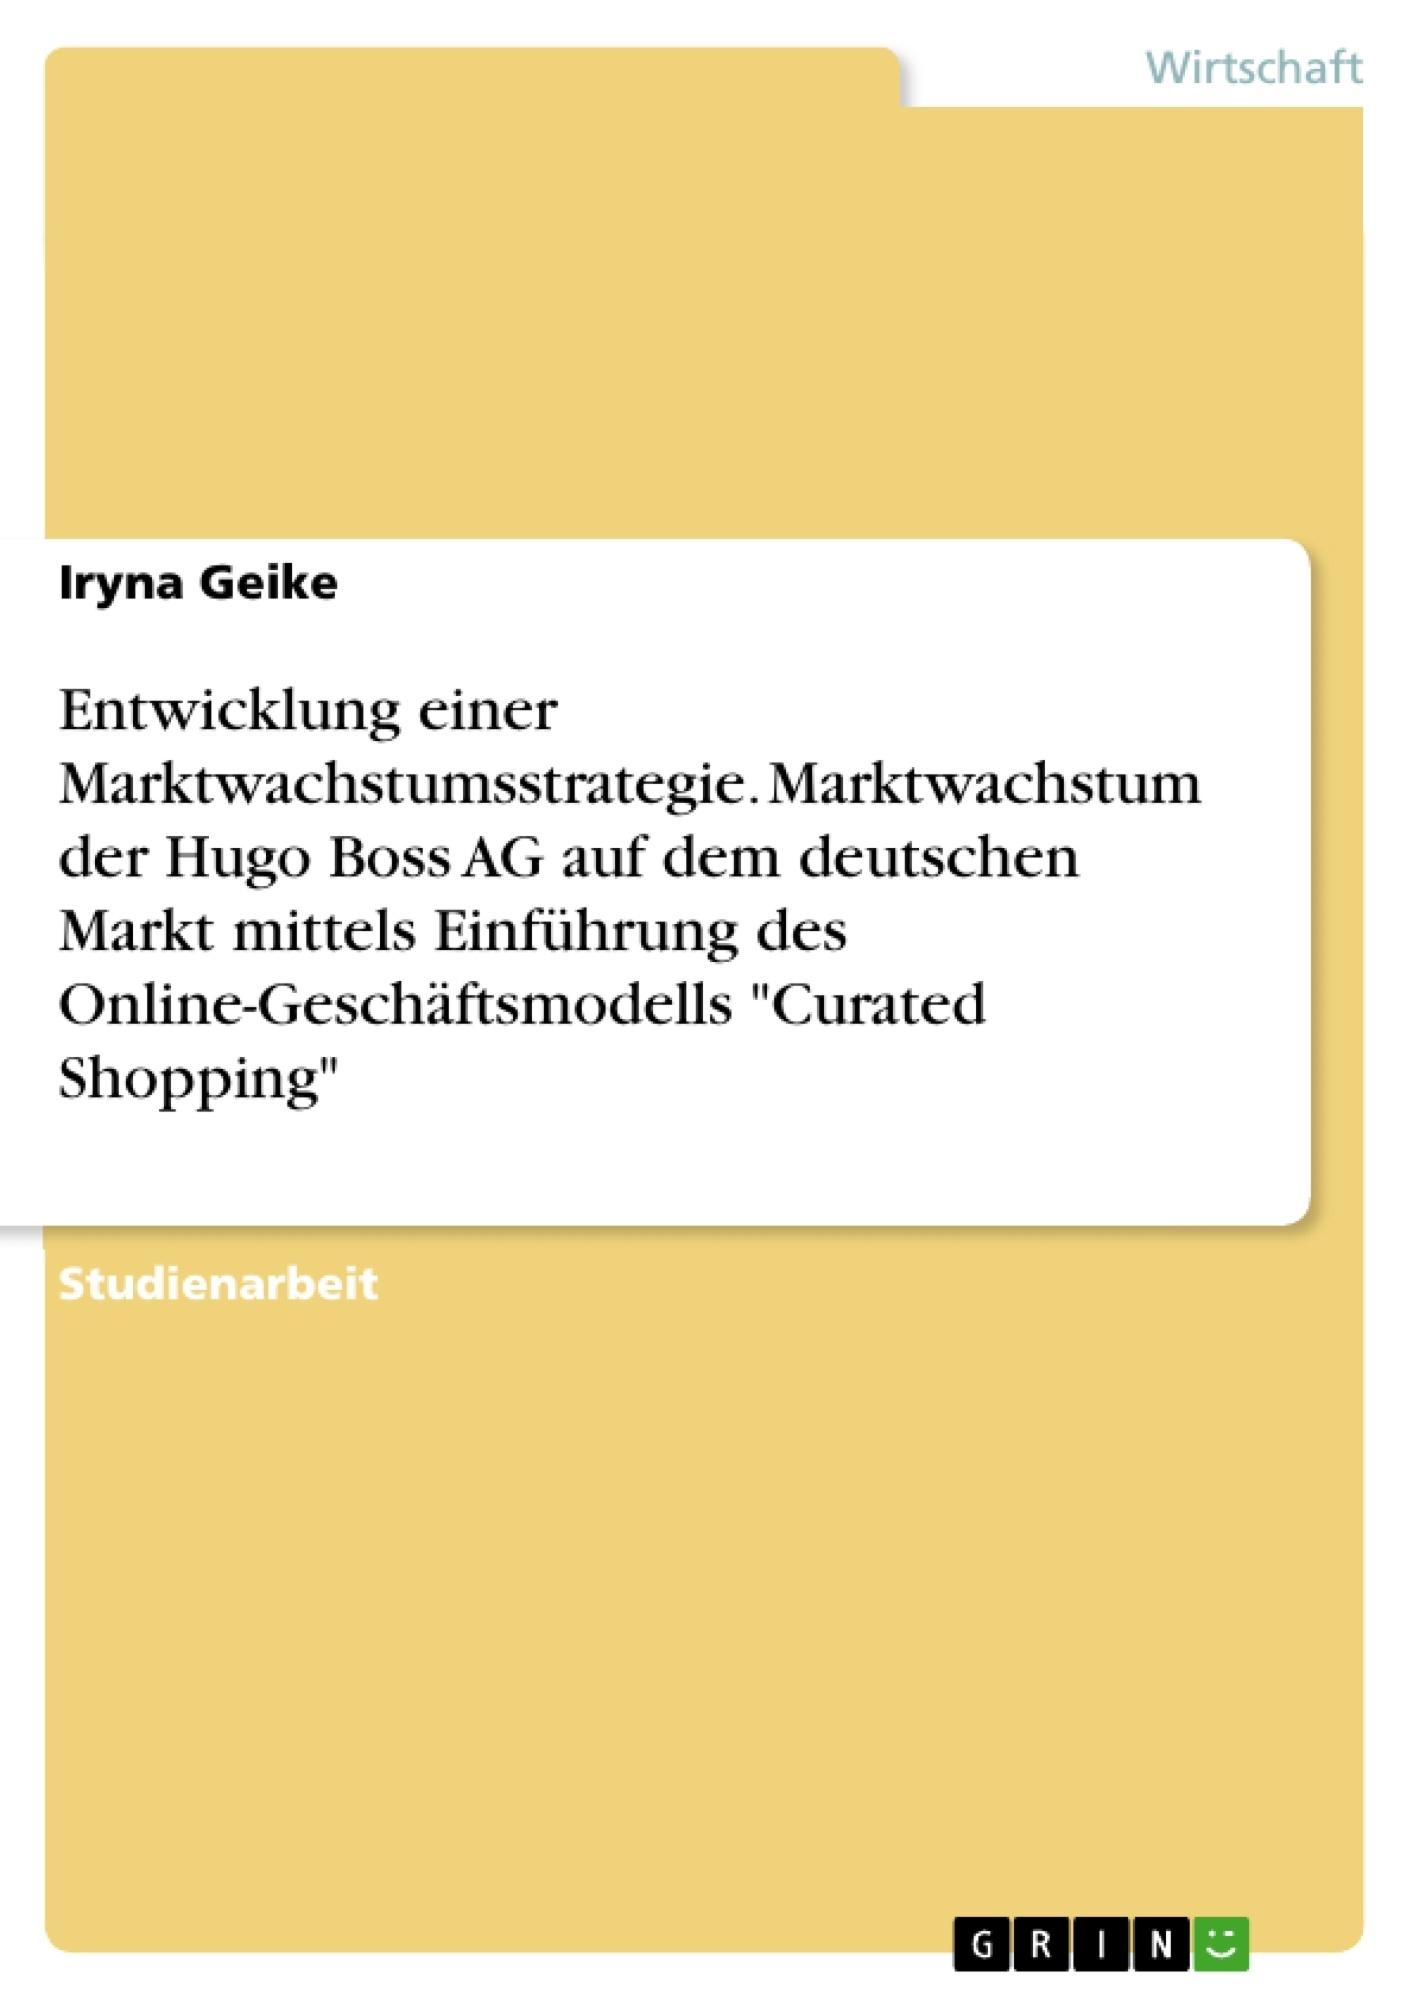 """Titel: Entwicklung einer Marktwachstumsstrategie. Marktwachstum der Hugo Boss AG auf dem deutschen Markt mittels Einführung des Online-Geschäftsmodells """"Curated Shopping"""""""